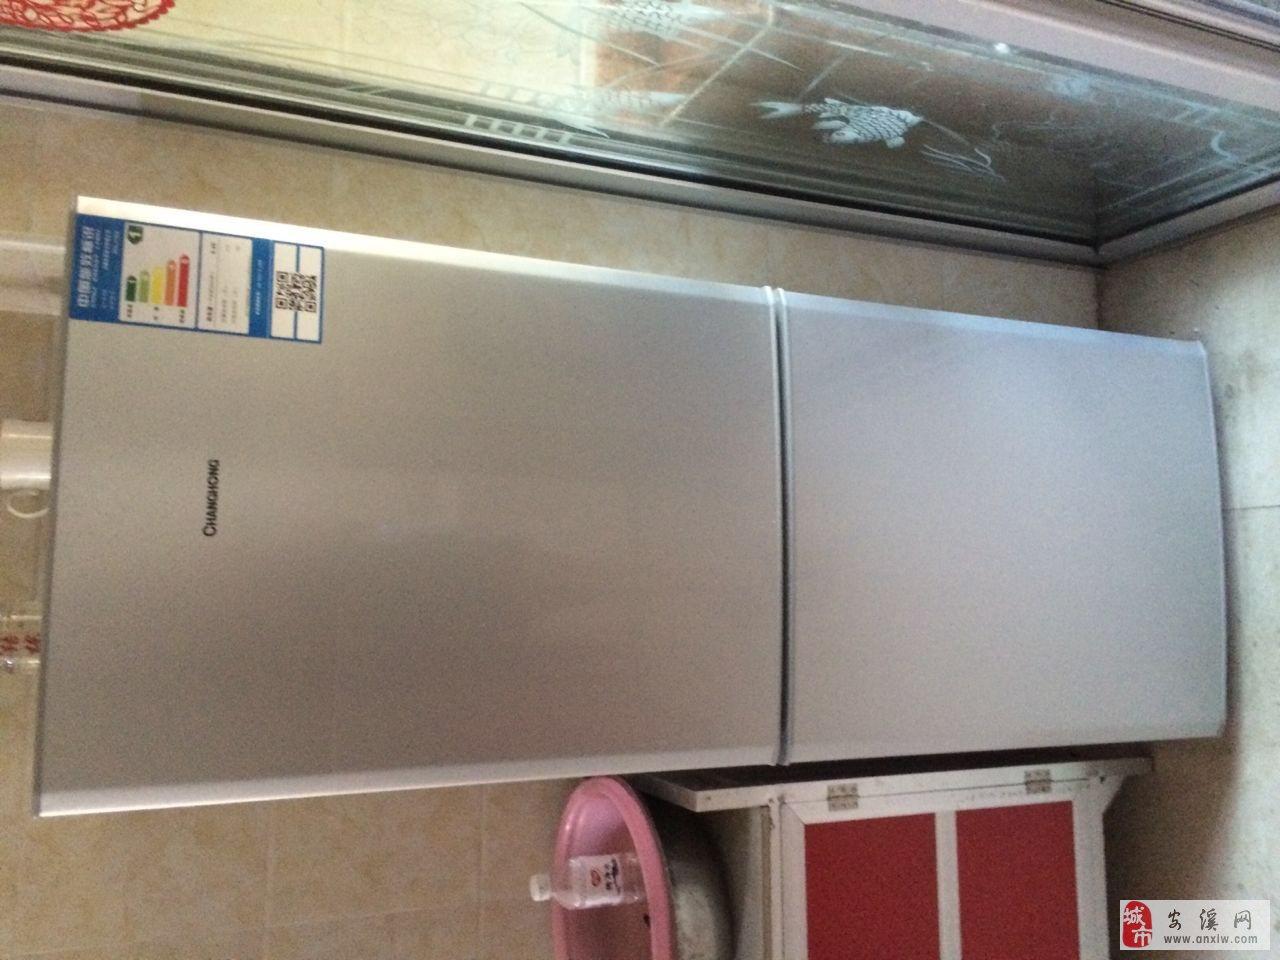 95新冰箱低价转让